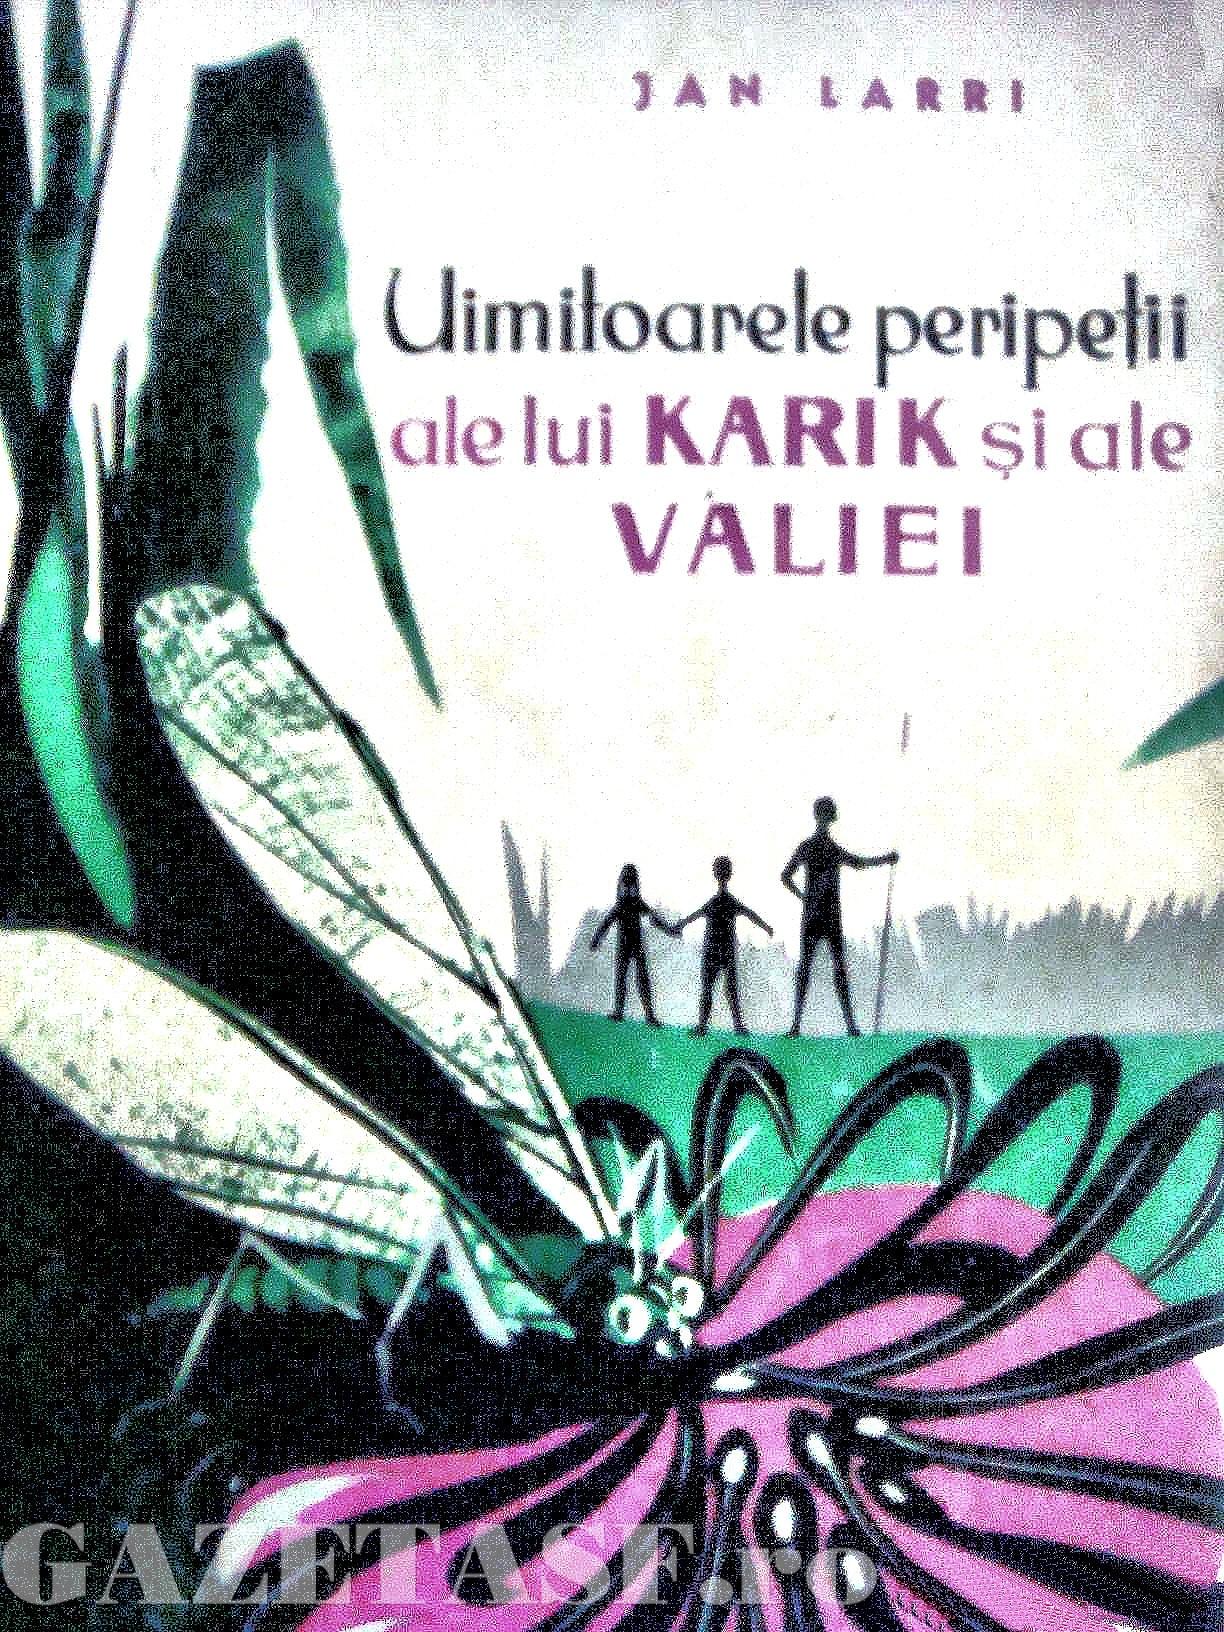 Jan Larri - Uimitoarele peripetii ale lui Karik si ale Valiei [1960]